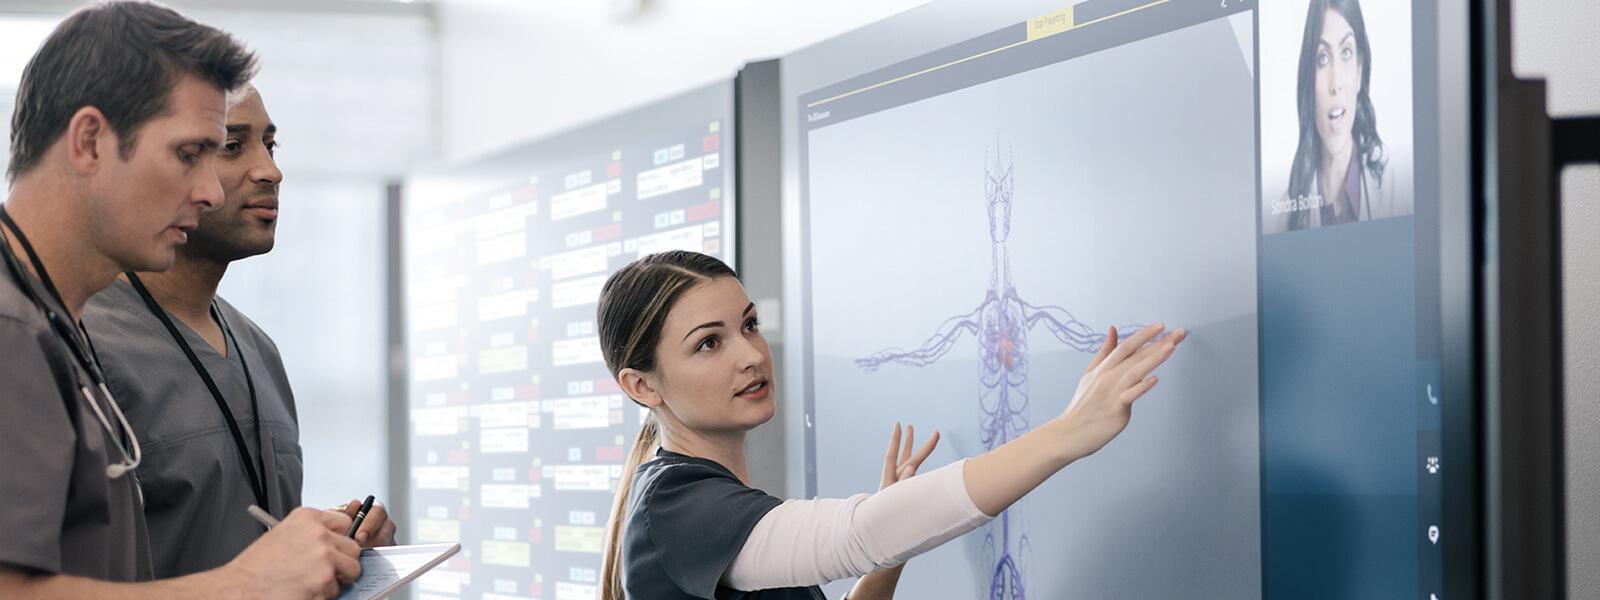 Arzt nutzt Touchscreen von Surface Hub, während zwei andere Ärzte sich im Hintergrund Notizen machen.